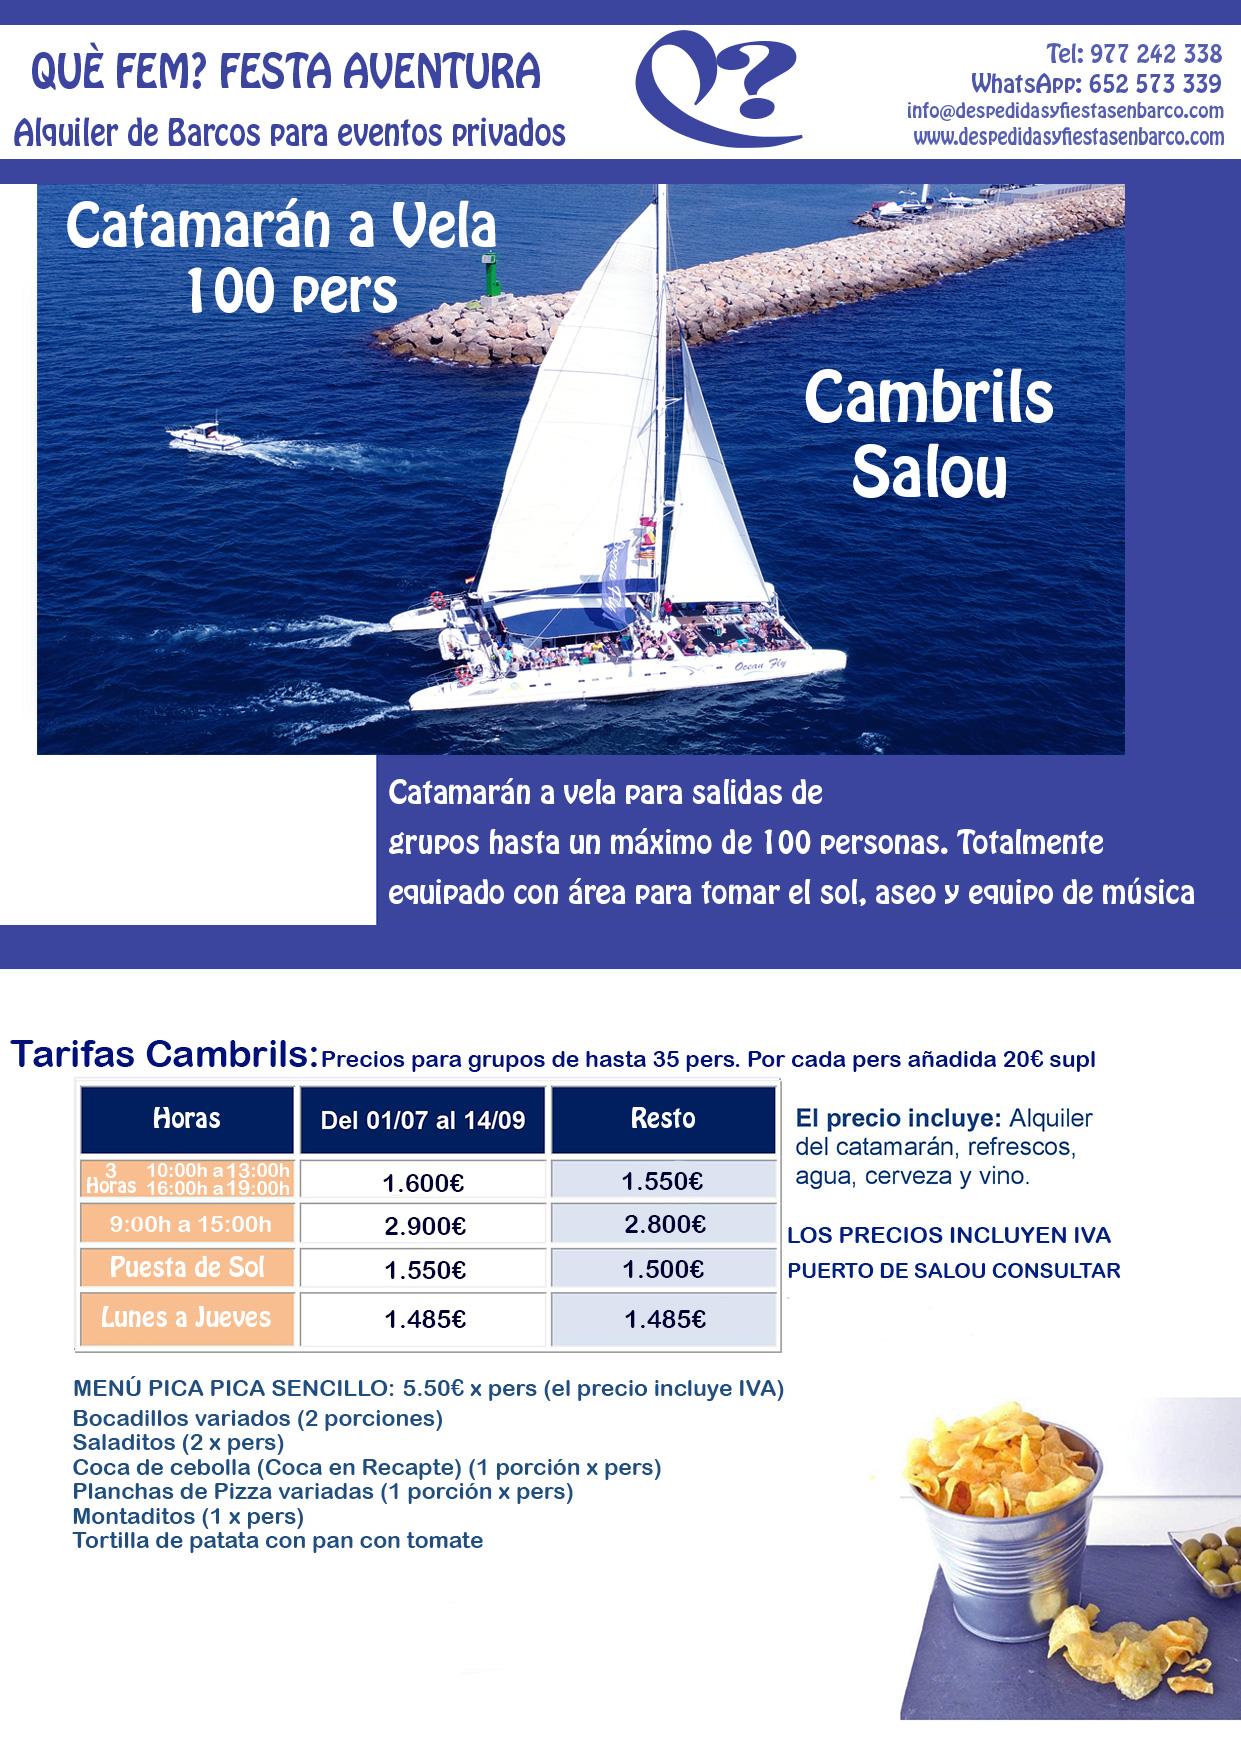 Alquiler de Barcos para fiestas privadas en Tarragona, Salou y Cambrils